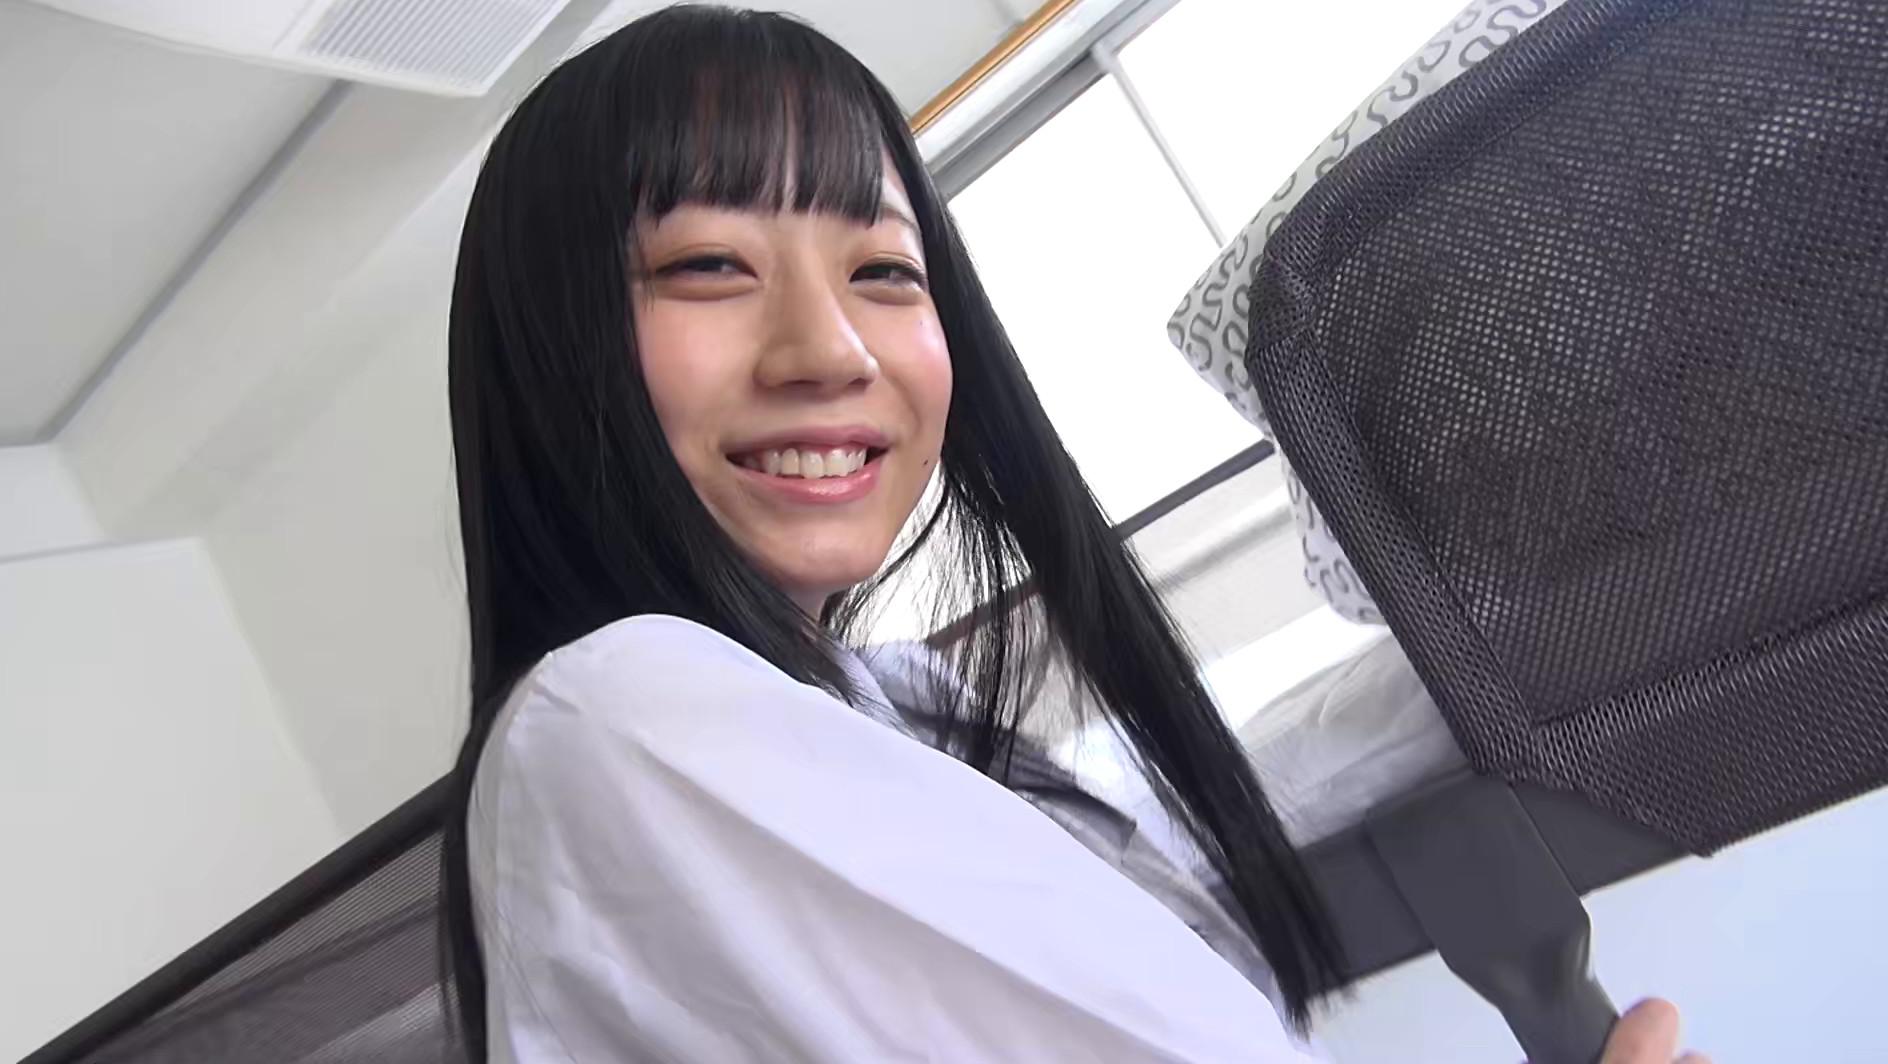 ヘアーヌード~無修正・妹系女子大生・美少女・ロ●ータセクシー女優~ 七沢みあ 画像1